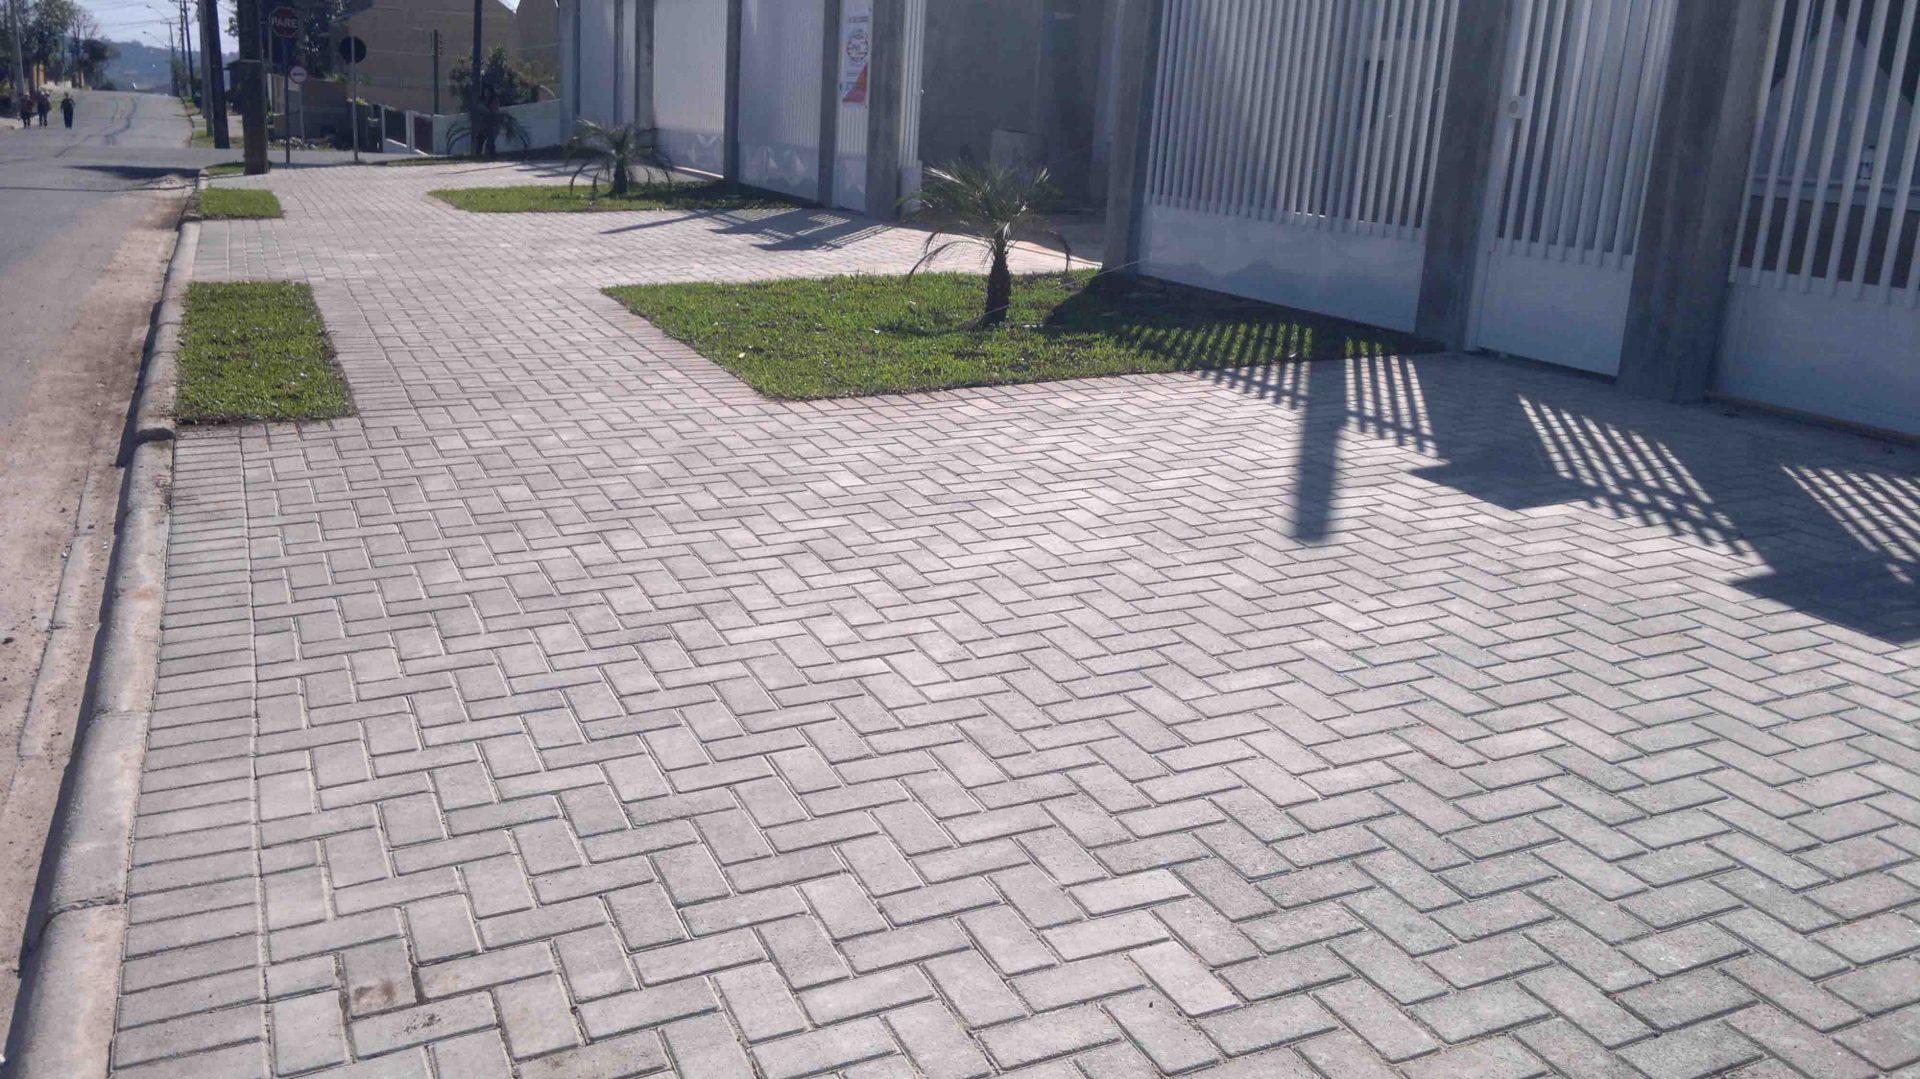 Conheça as vantagens do pavimento intertravado para a padronização das calçadas